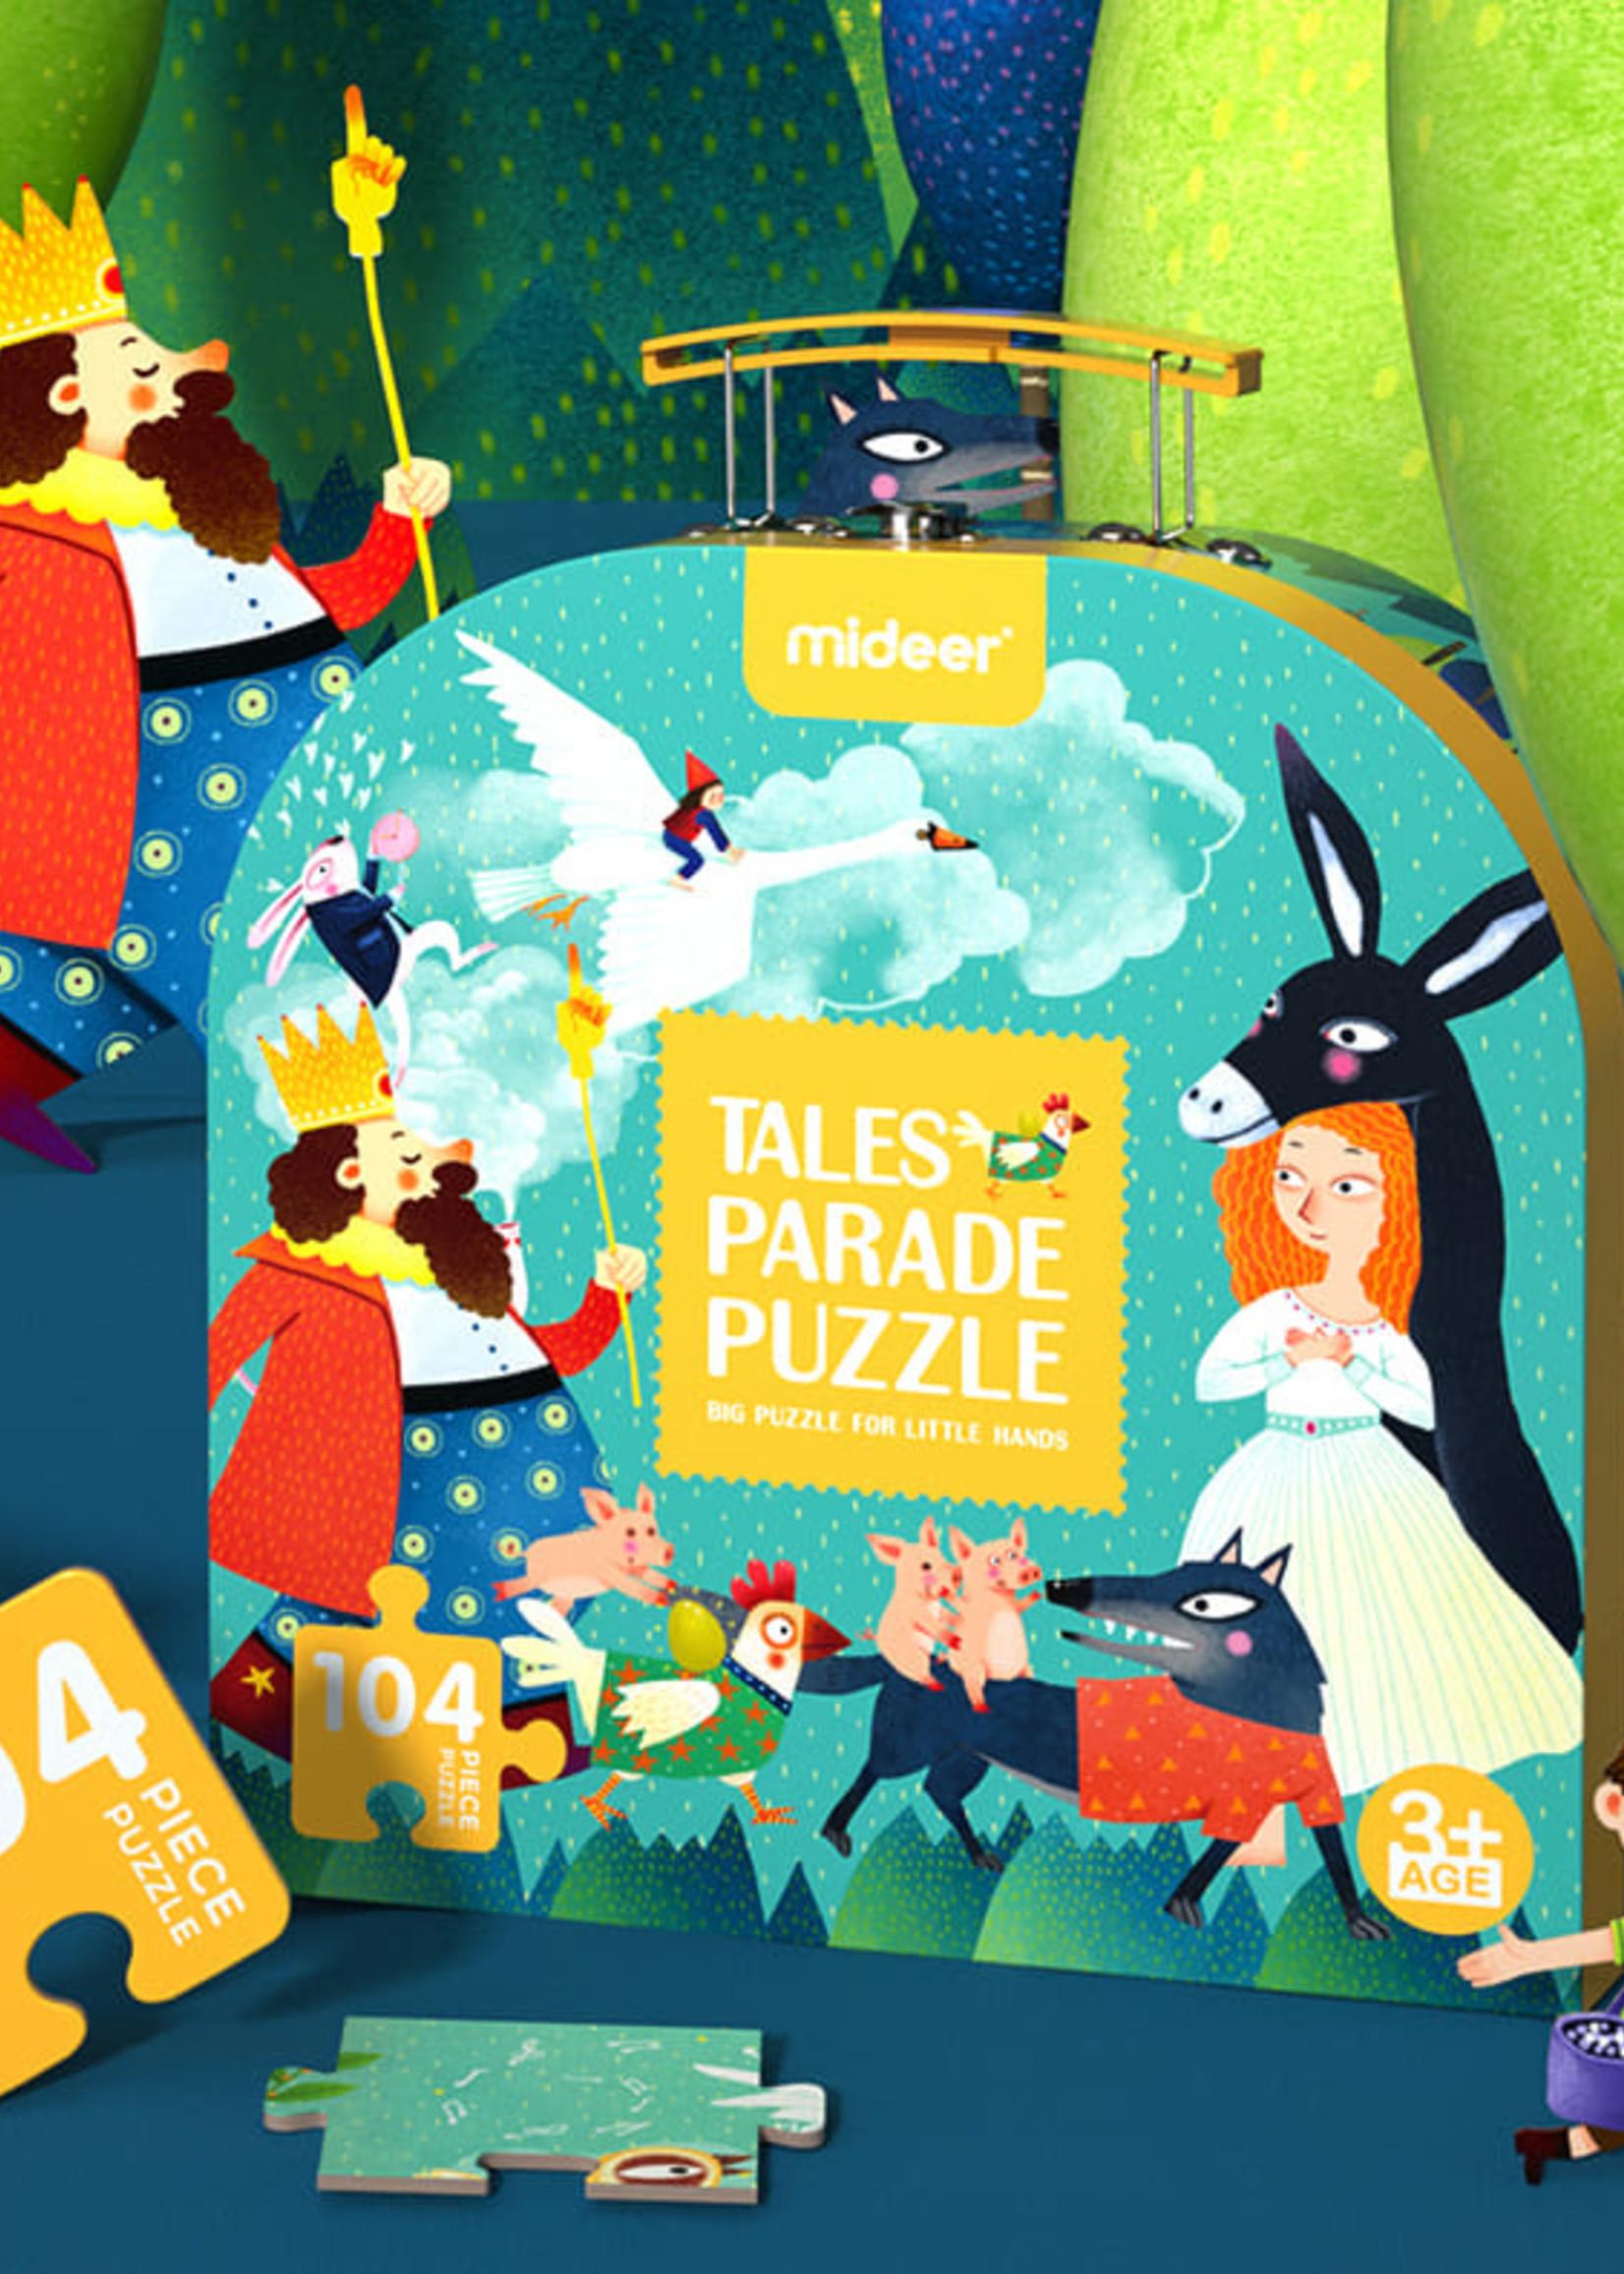 Mideer Mideer-AW20 MD3098 Luggage Puzzle - Tales Prade 104 pcs